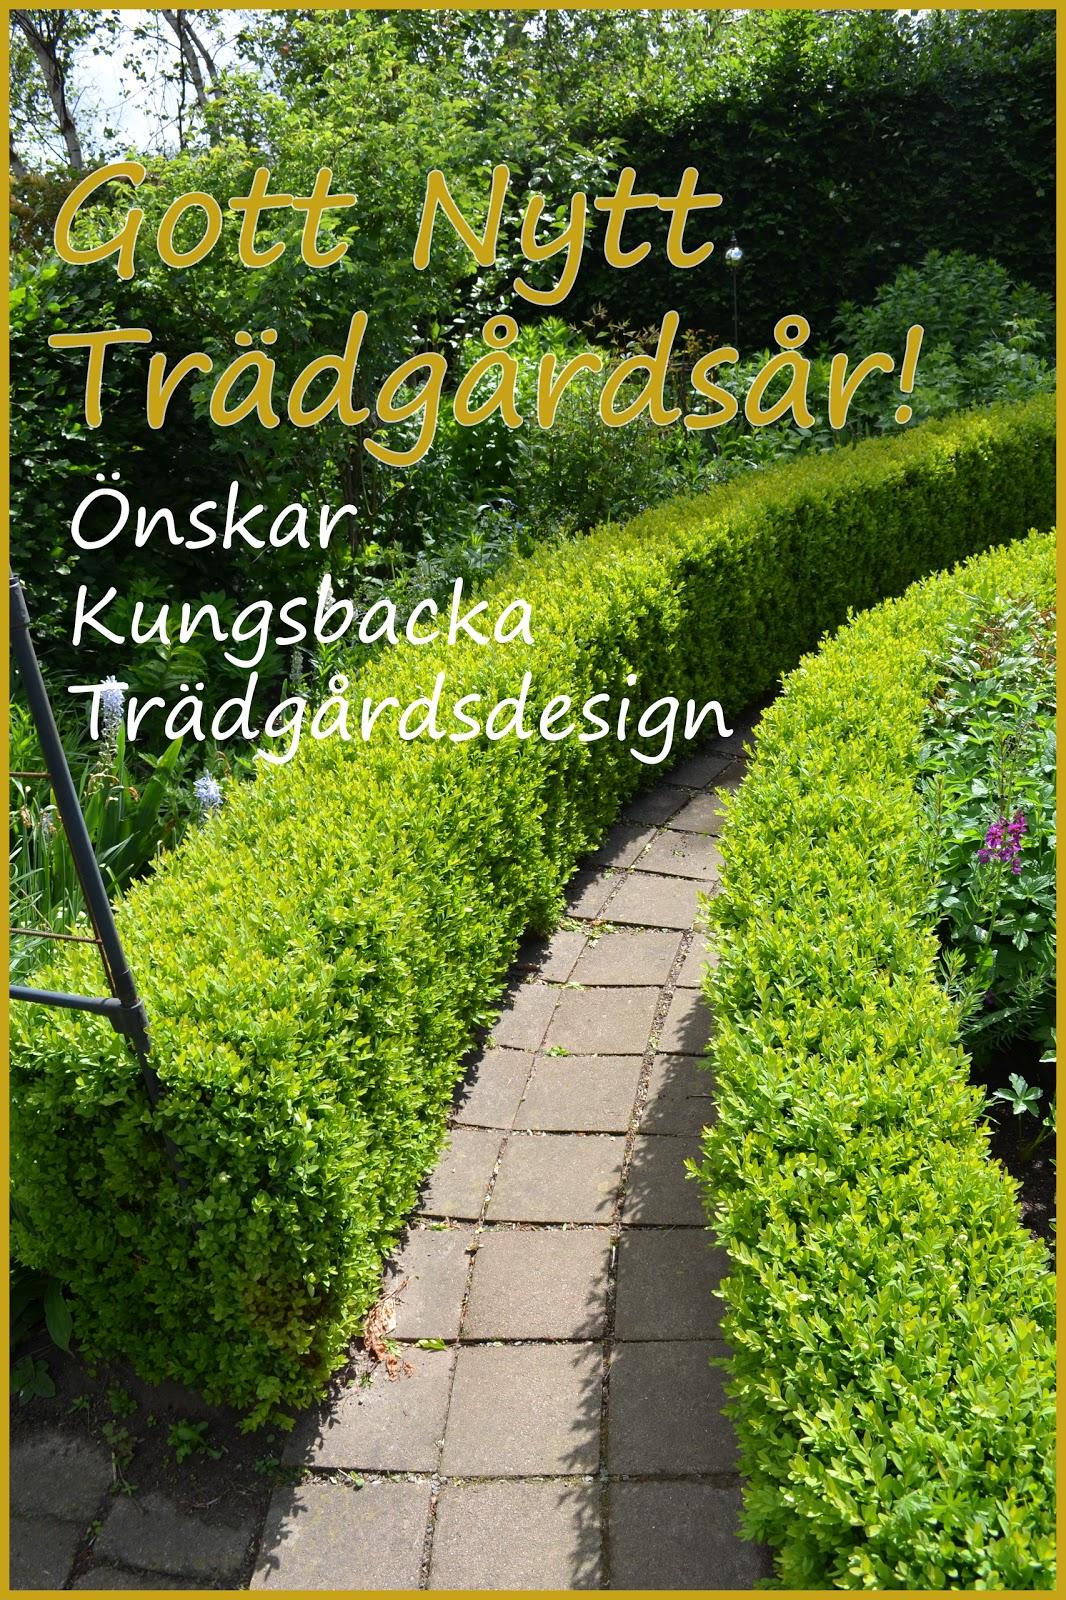 Kungsbacka trädgårdsdesign: december 2012